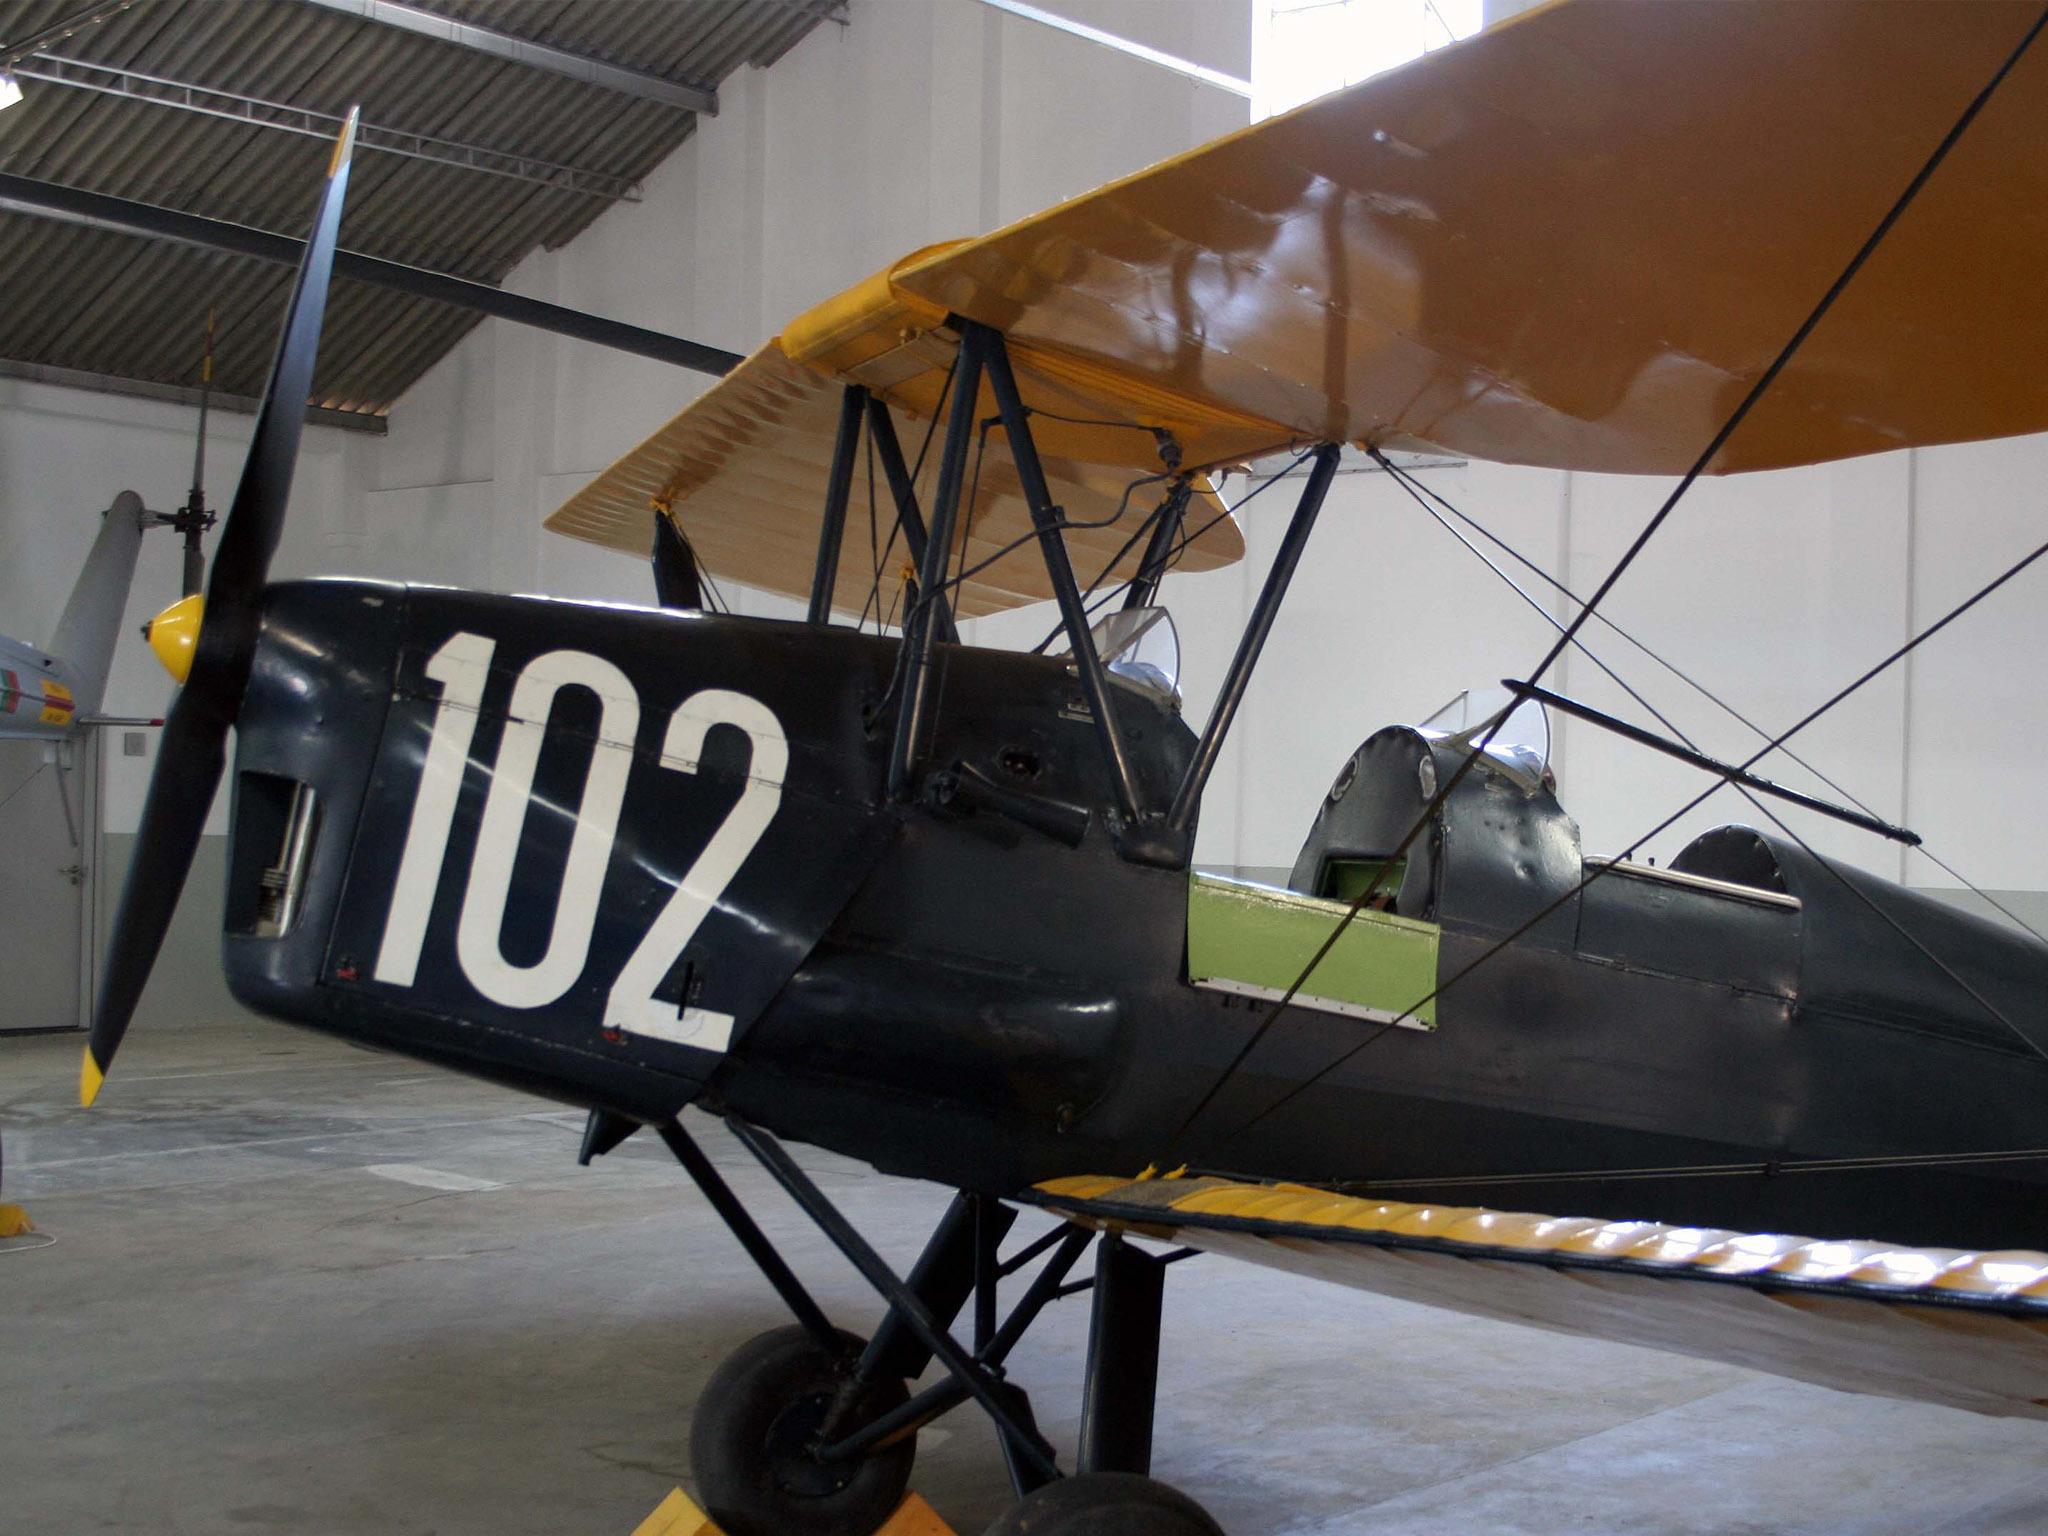 Havilland DH-82 Tiger Moth, avião militar noMuseu do Ar Granja do Marquês